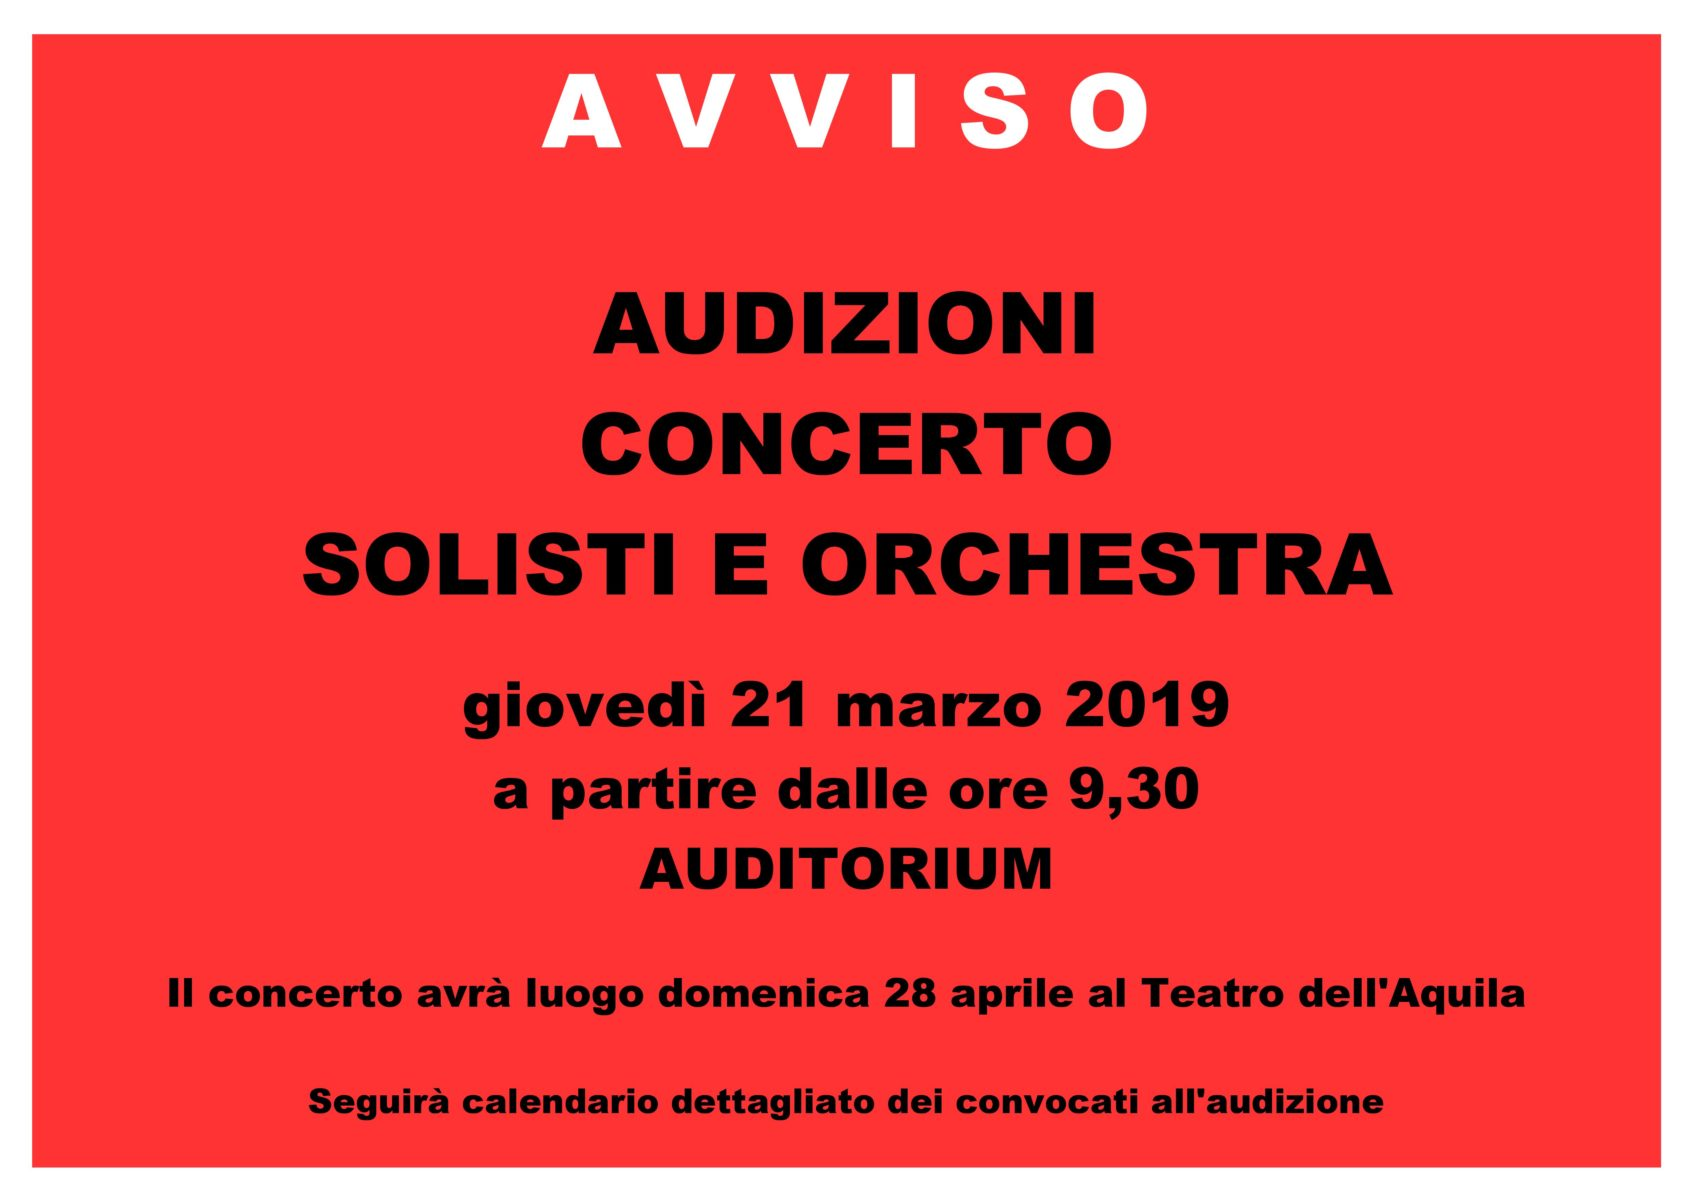 AVVISO AUDIZIONI SOLISTI E ORCHESTRA - 2019